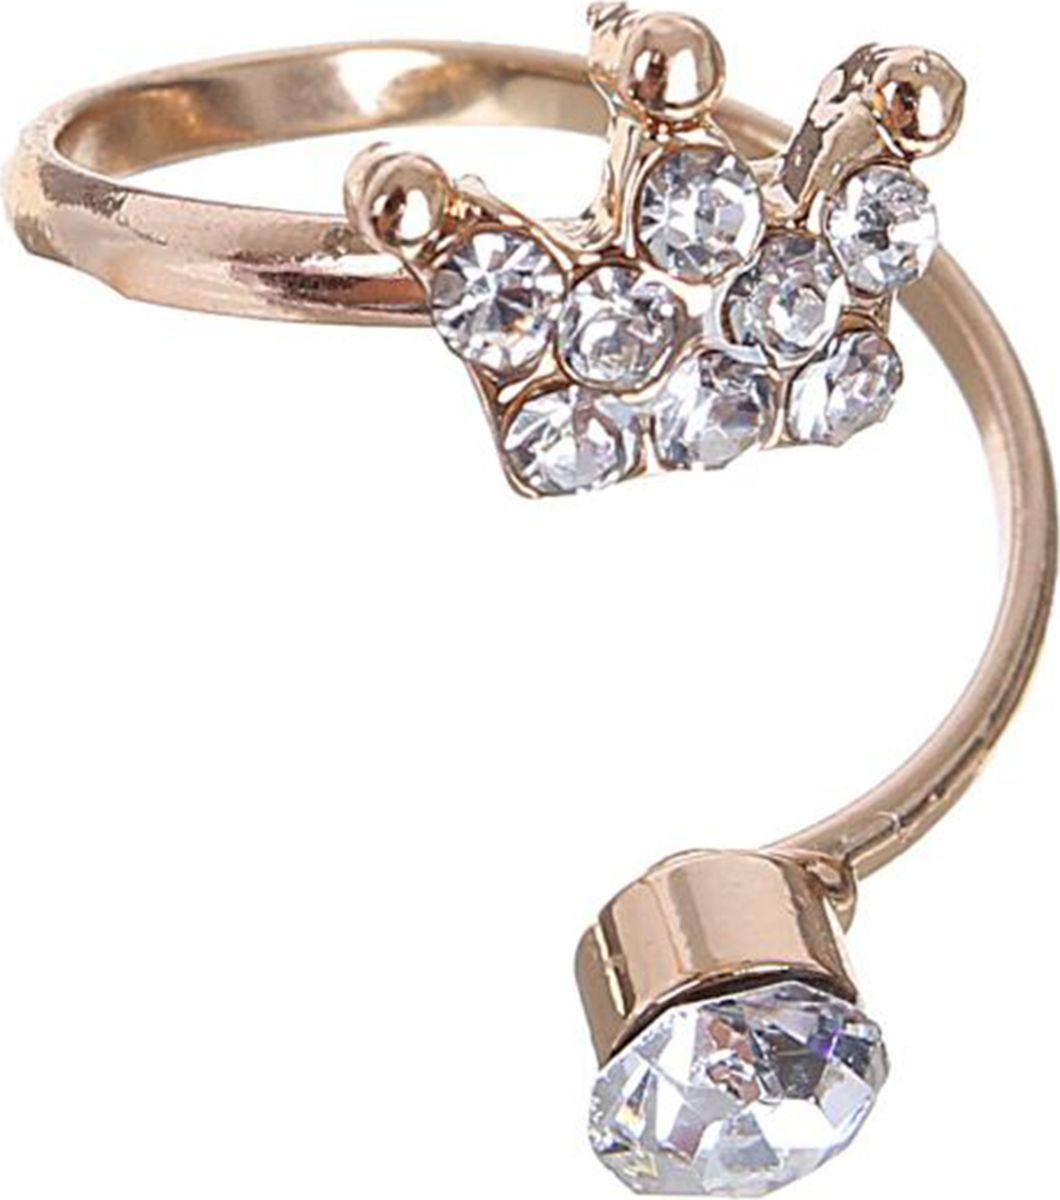 Кольцо Mitya Veselkov Корона, цвет: золотистый. 15033491503349Оригинальное кольцо Mitya Veselkov Корона изготовлено из гипоаллергенного бижутерного сплава. Изделие выполнено в виде короны с вкраплениями из страз.